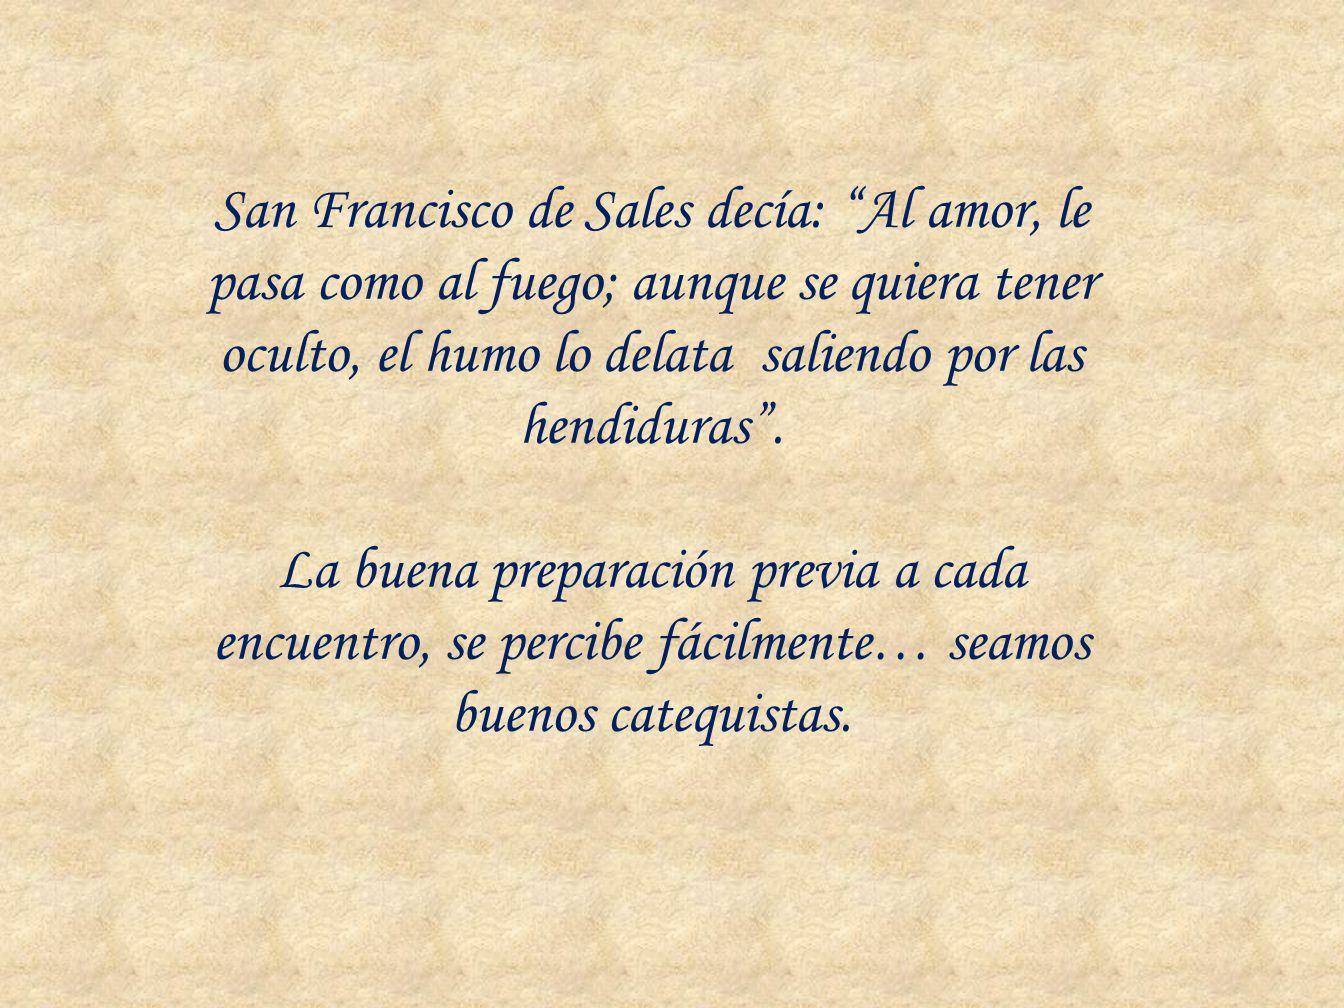 San Francisco de Sales decía: Al amor, le pasa como al fuego; aunque se quiera tener oculto, el humo lo delata saliendo por las hendiduras .